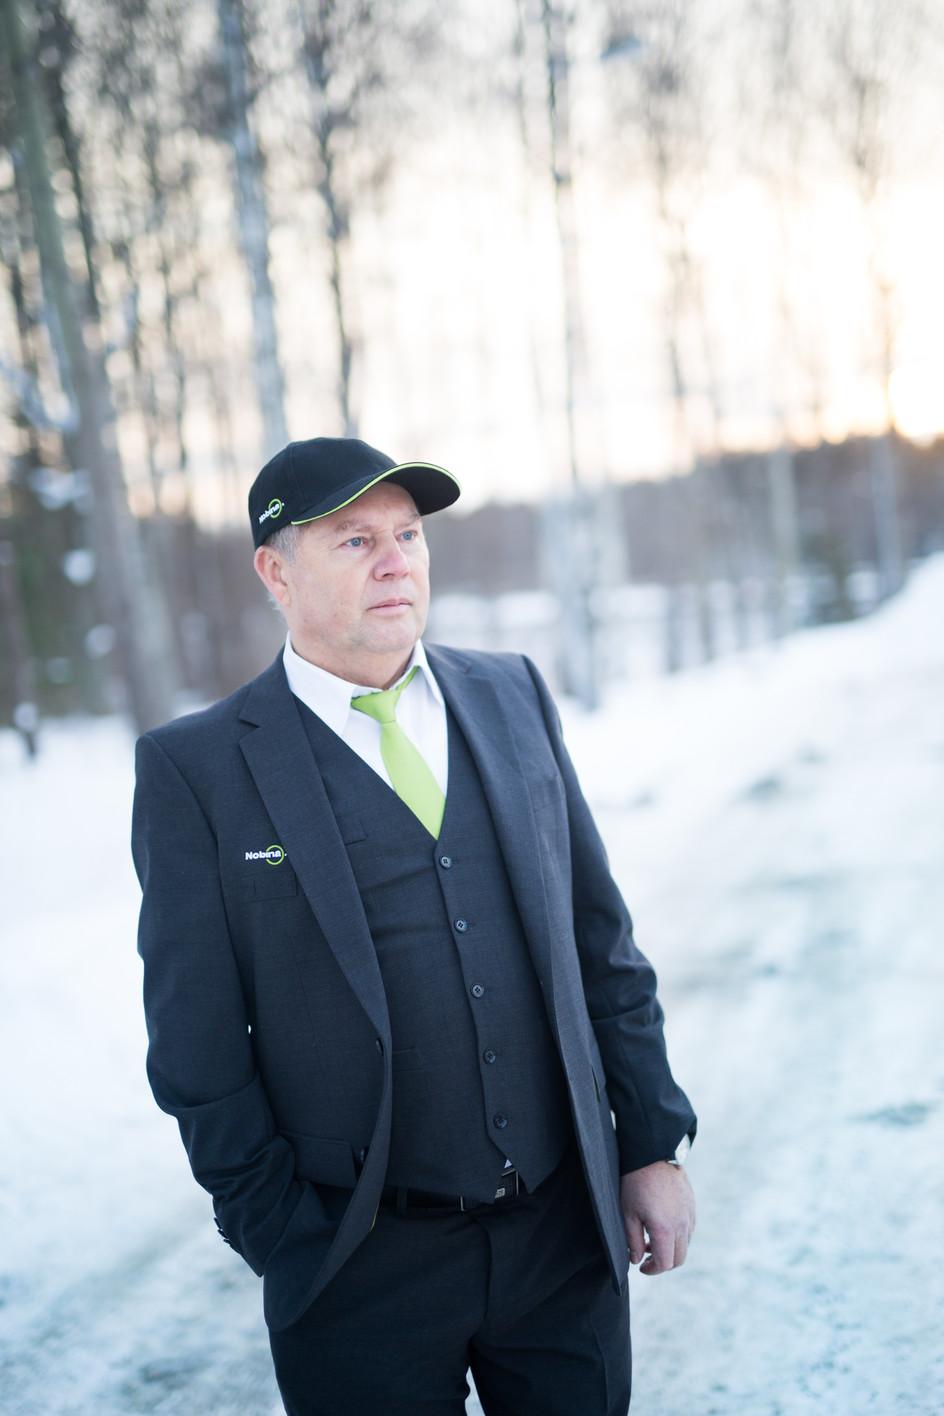 Bussförare, företagsfotografering stockholm